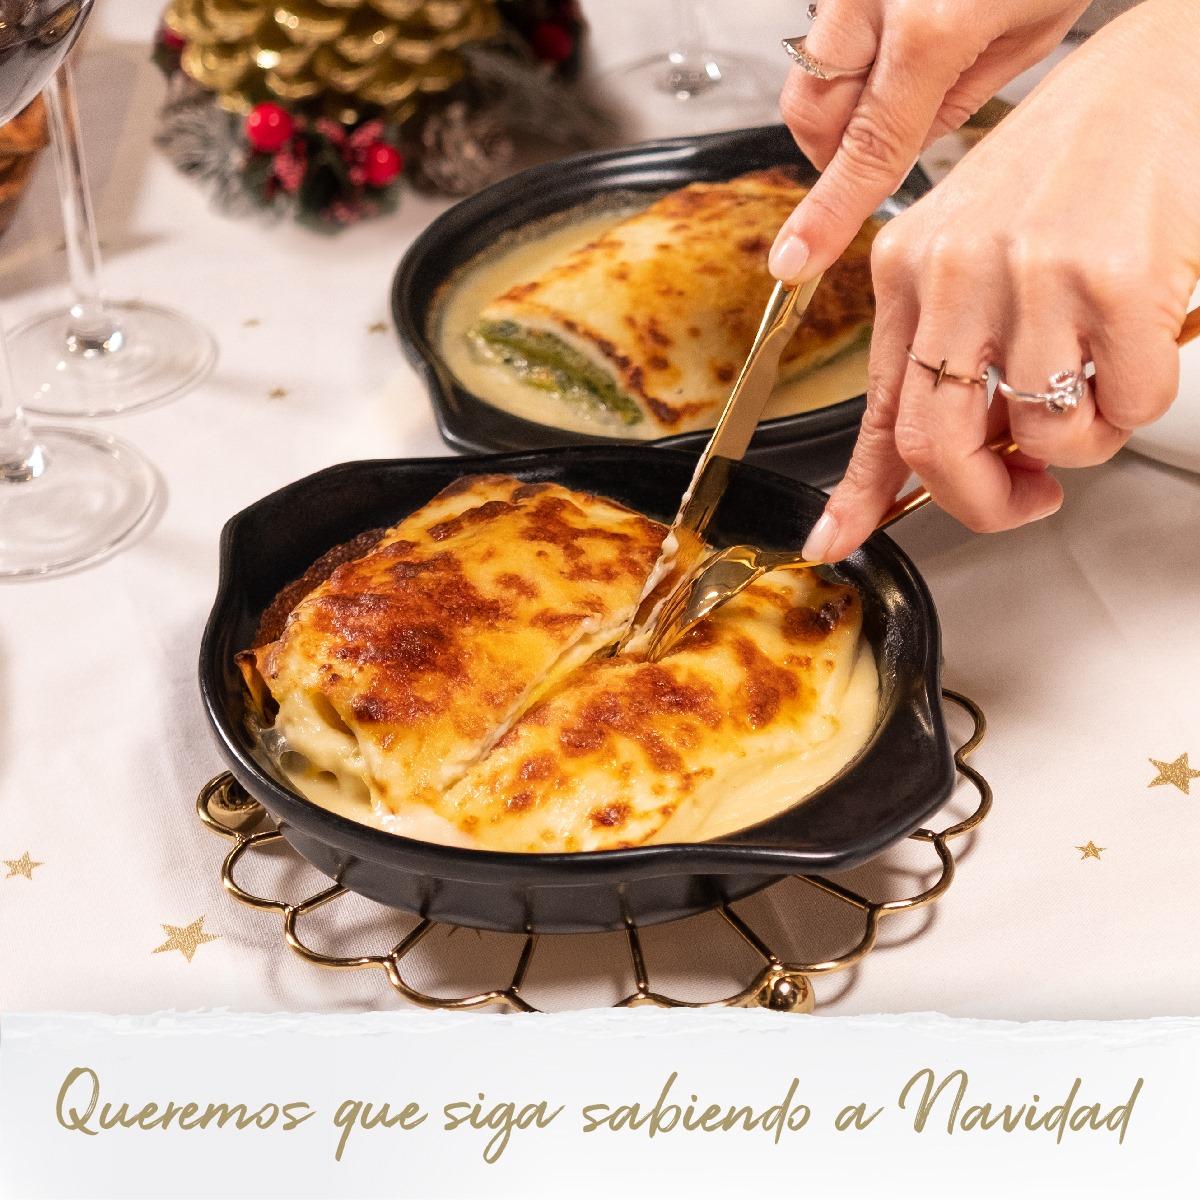 comida para navidad - En 'La Mafia se sienta a la mesa' queremos que siga sabiendo a Navidad